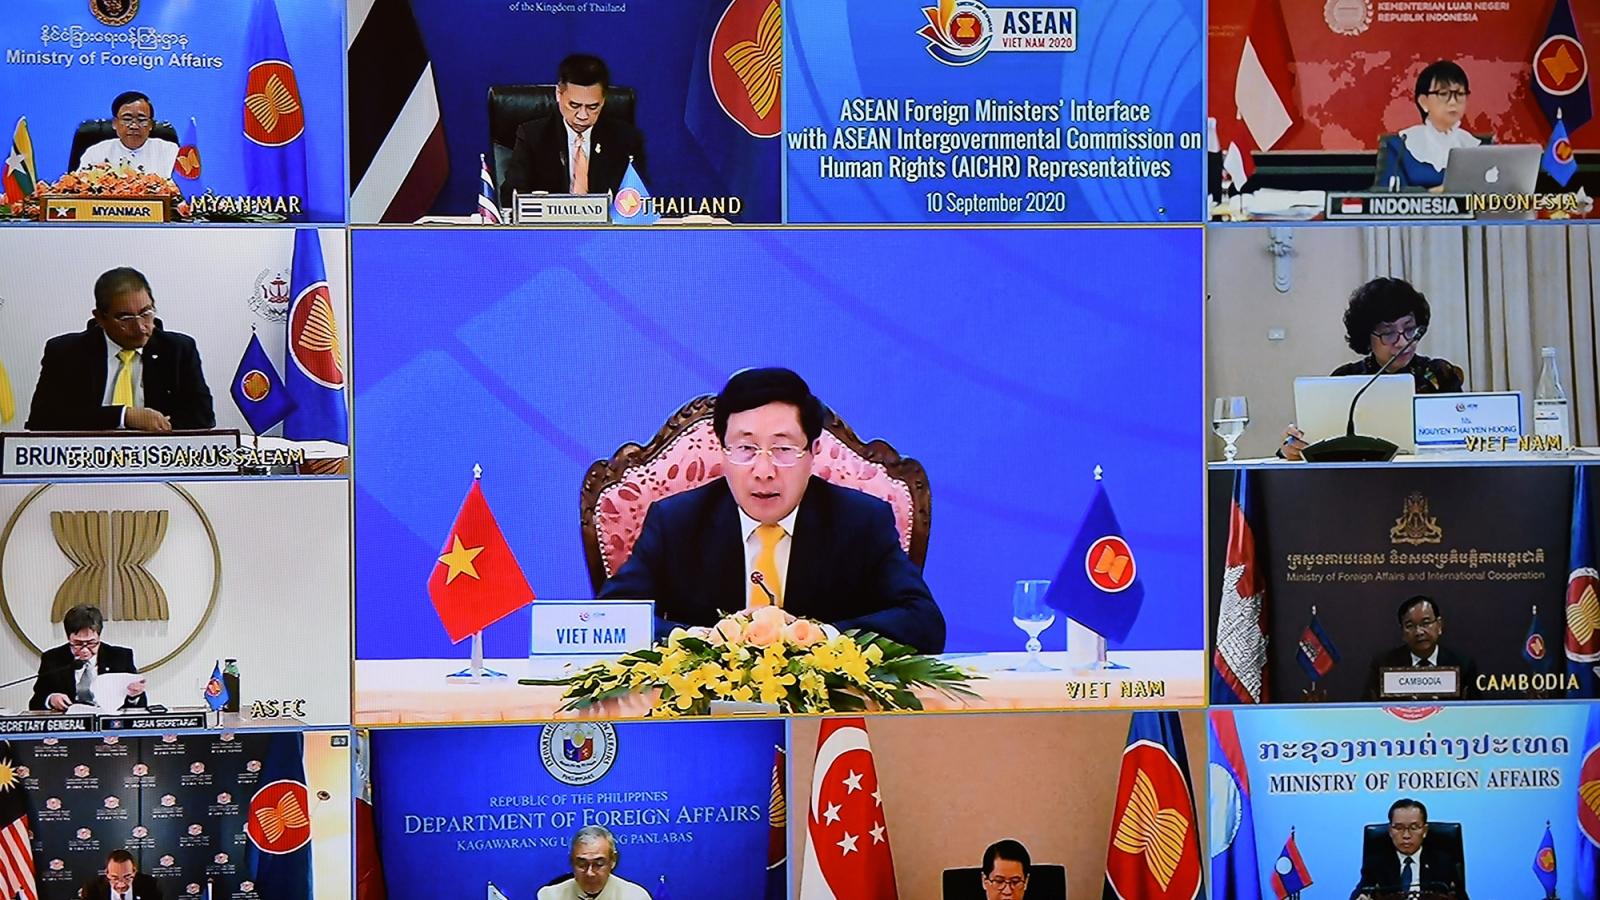 Sự hài lòng của người dân là thước đo cao nhất đánh giá các mục tiêu nhân quyền của ASEAN